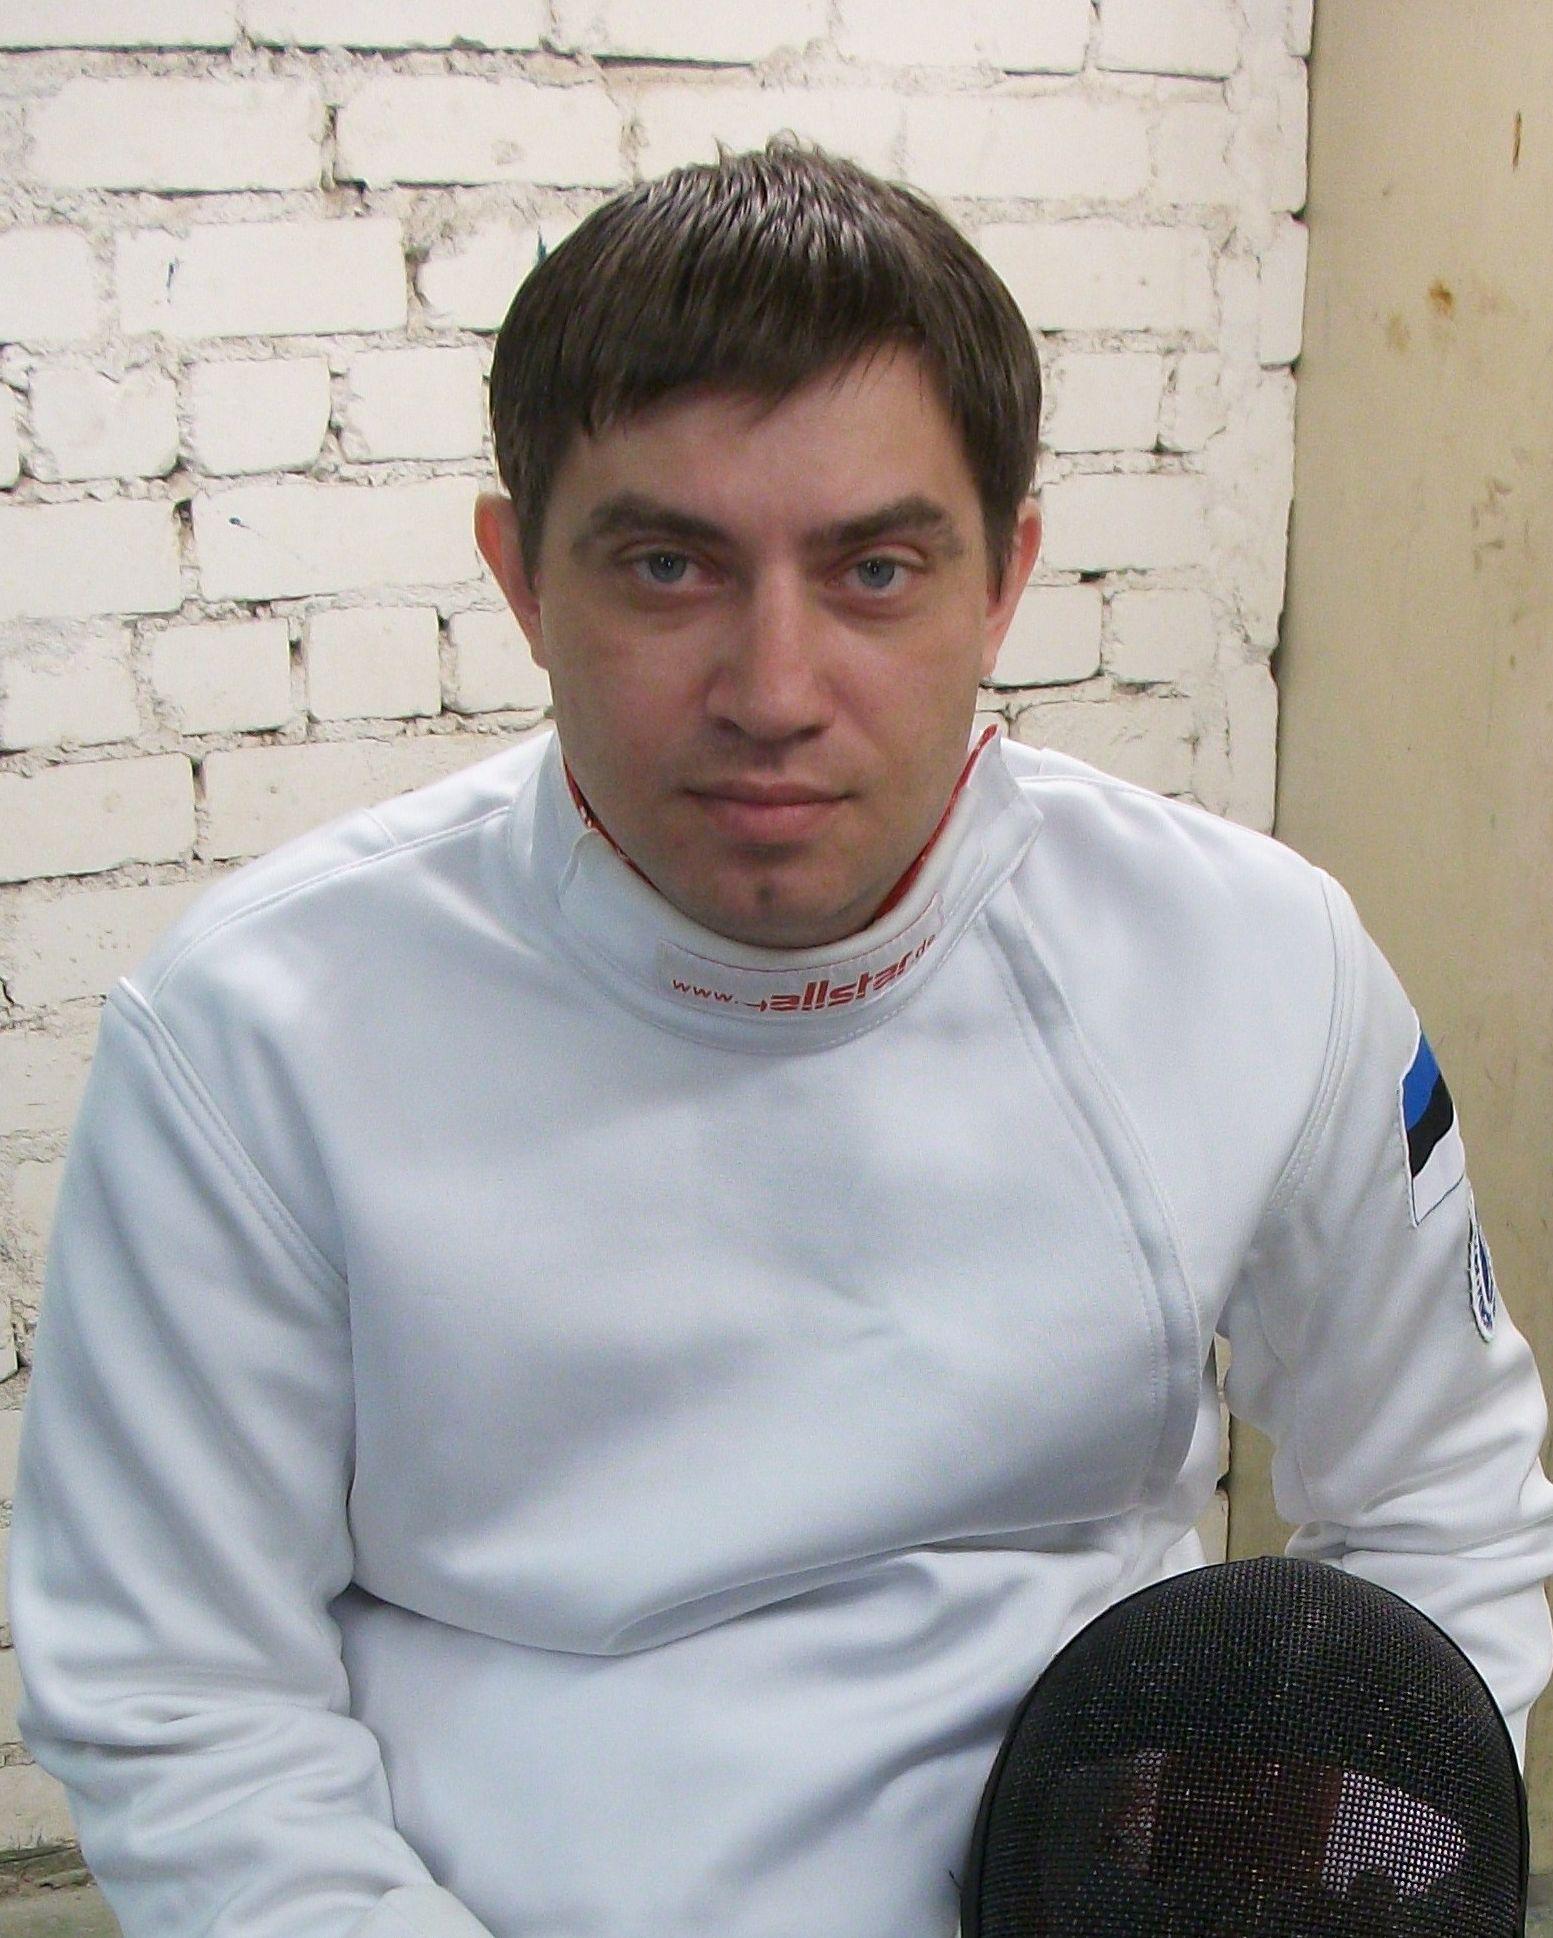 Alexei Scheglov